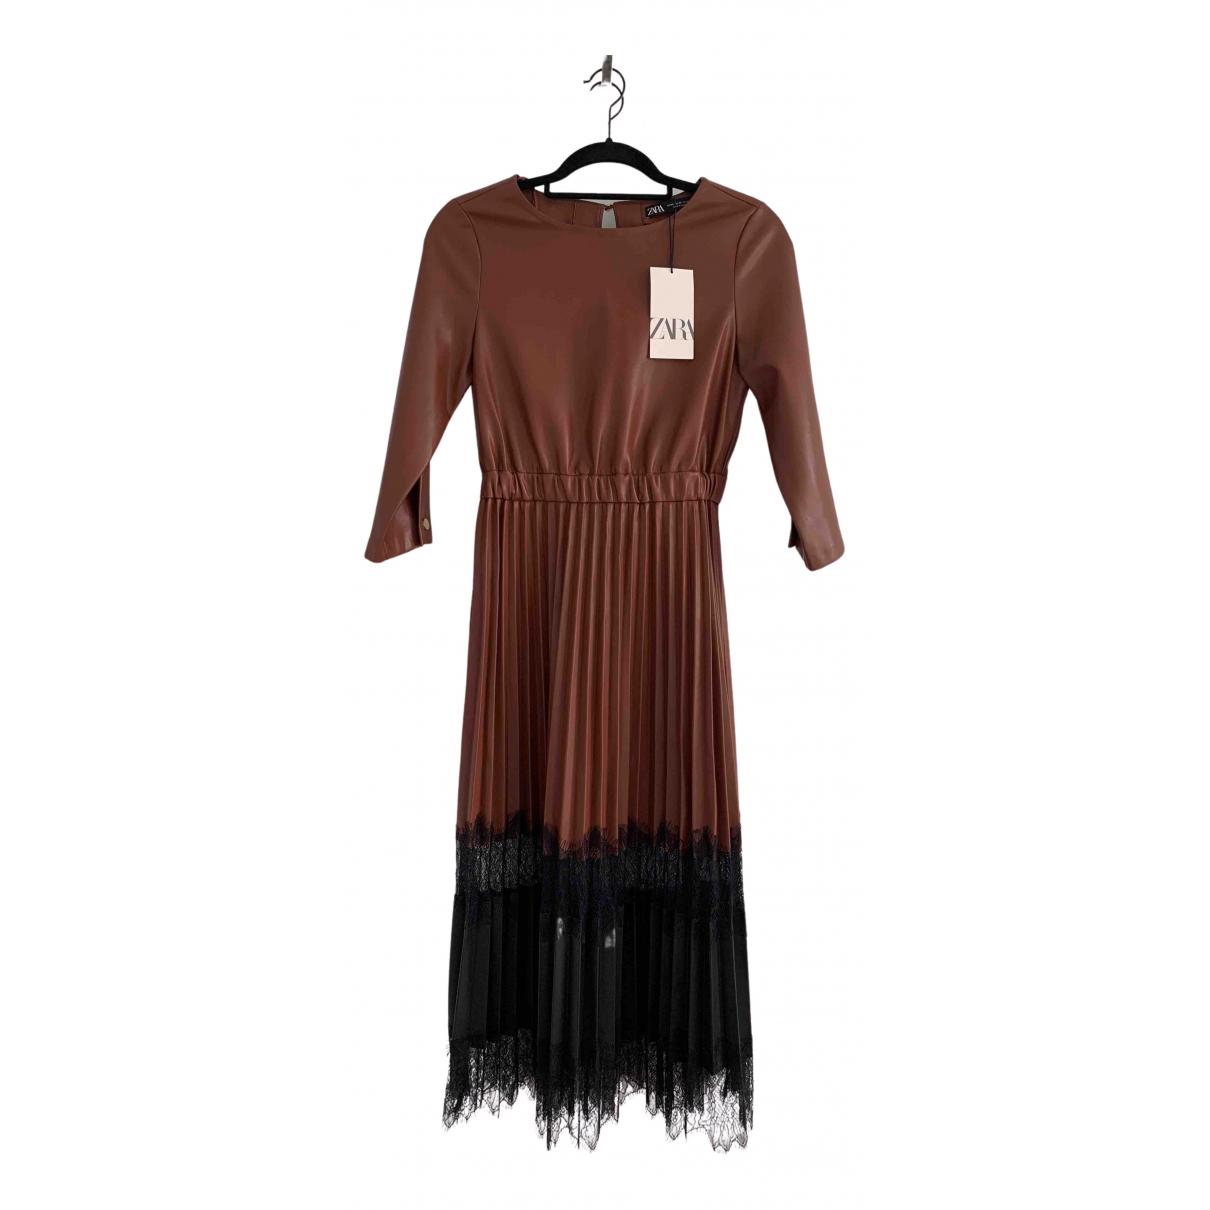 Zara \N Kleid in  Kamel Synthetik